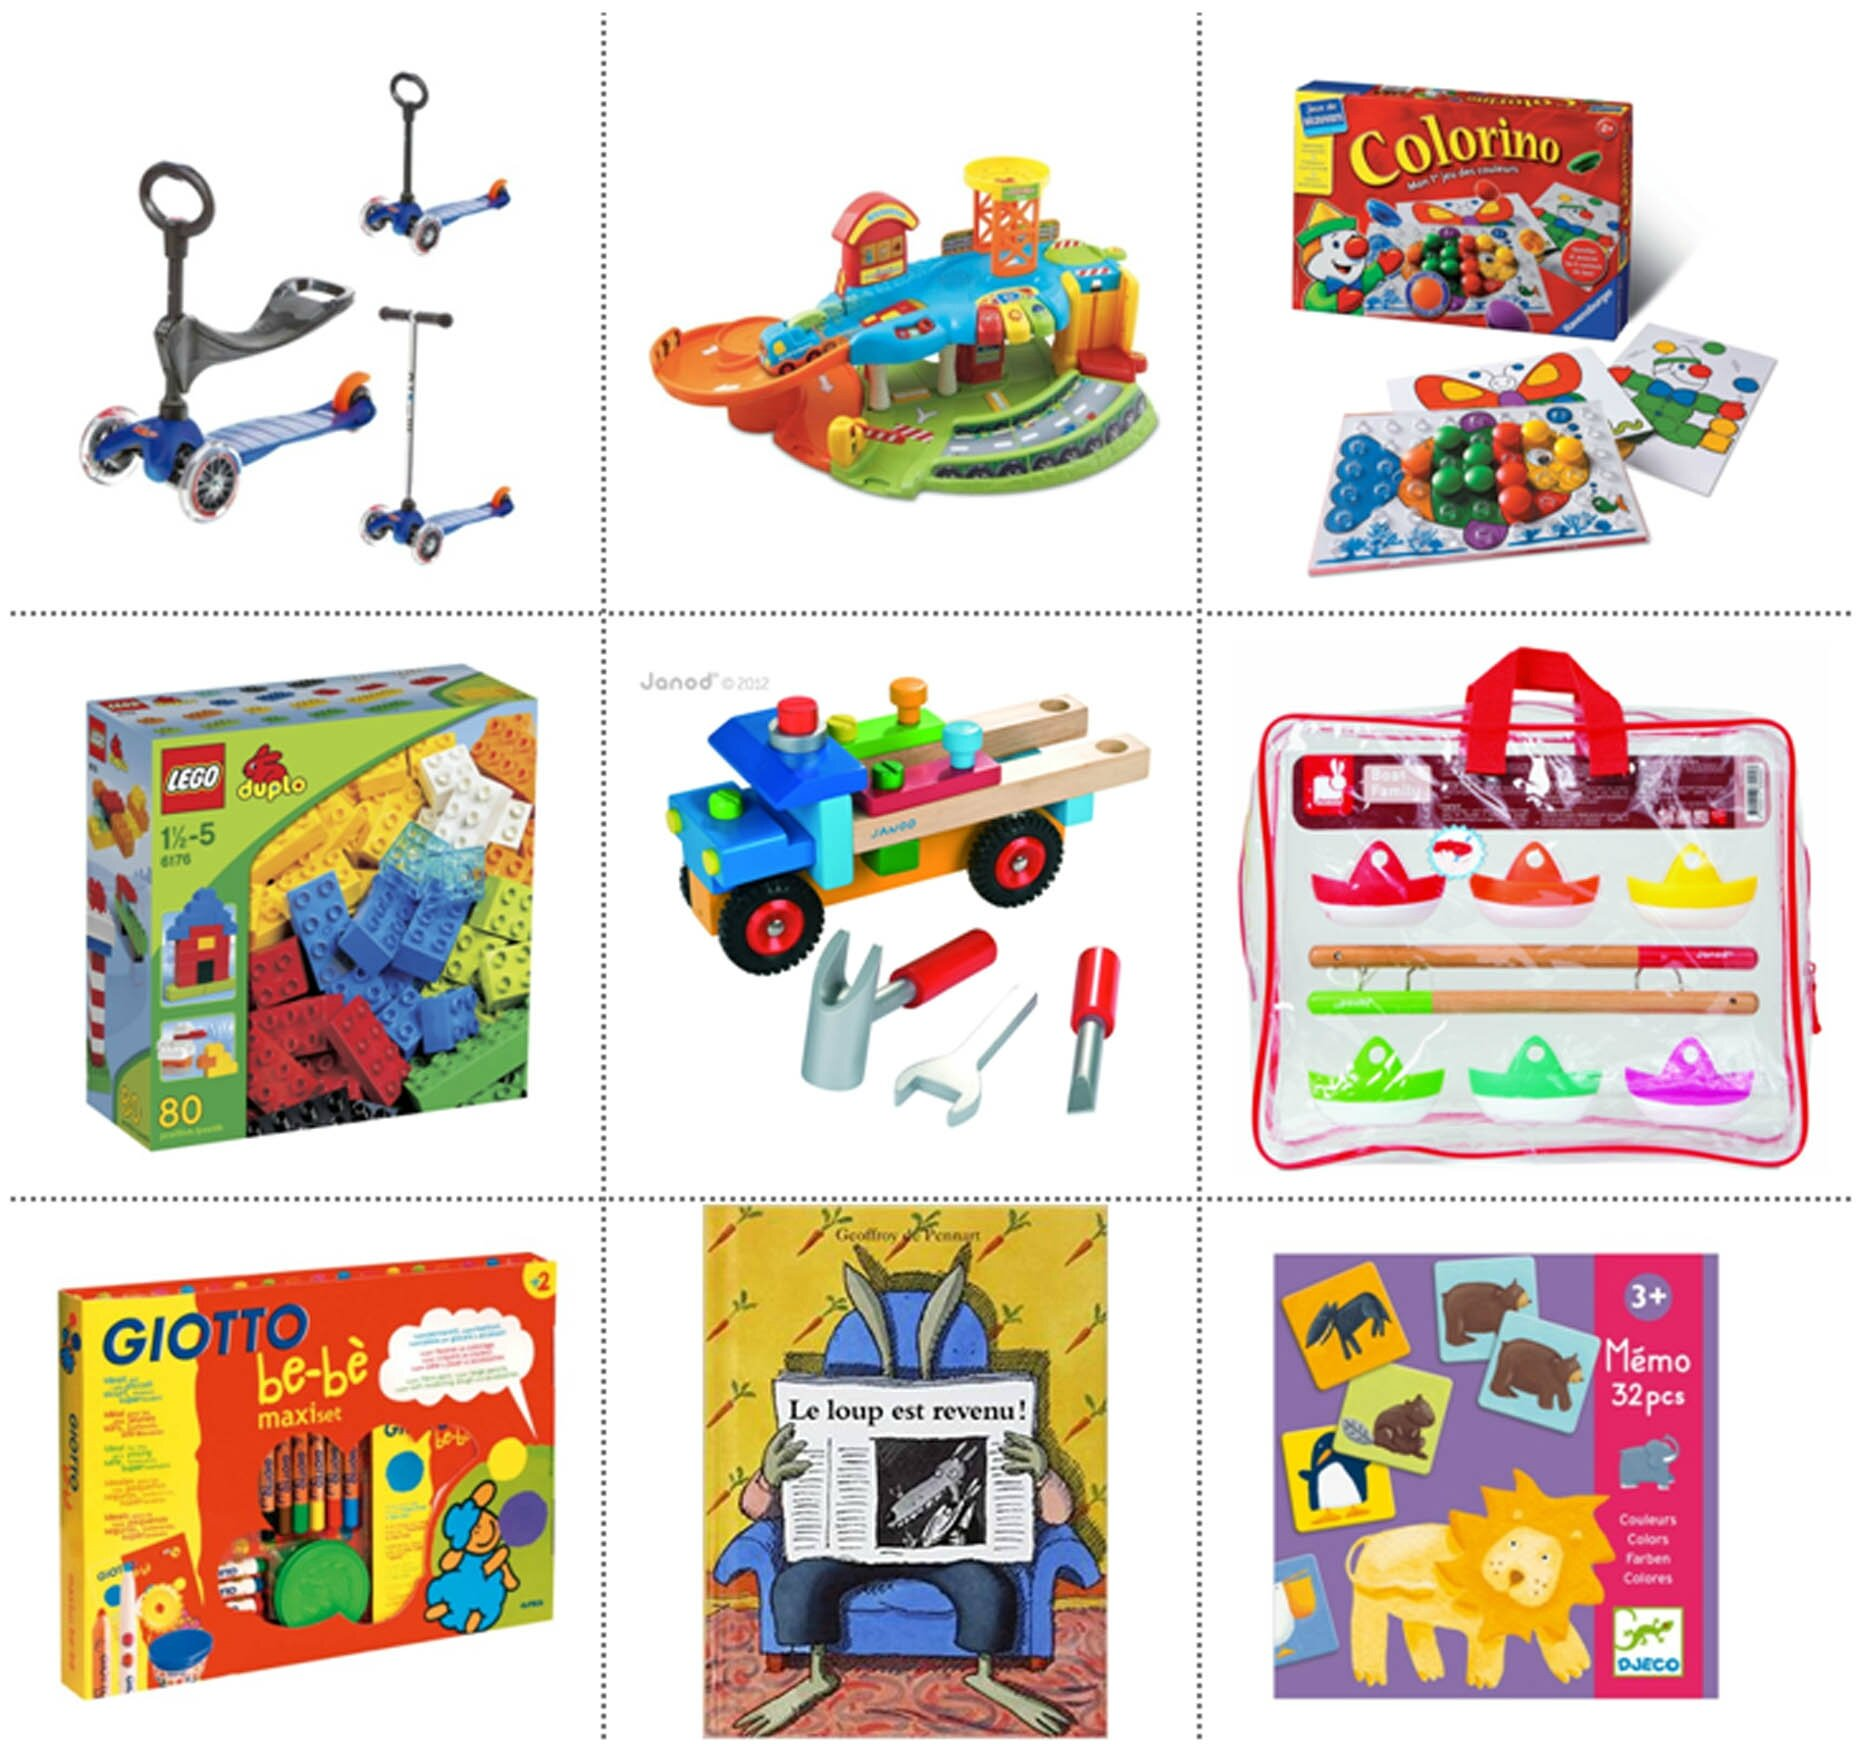 Ma sélection de cadeaux pour enfants de 2 ans - La page de vie de MlleOr 18c3e06a8c92